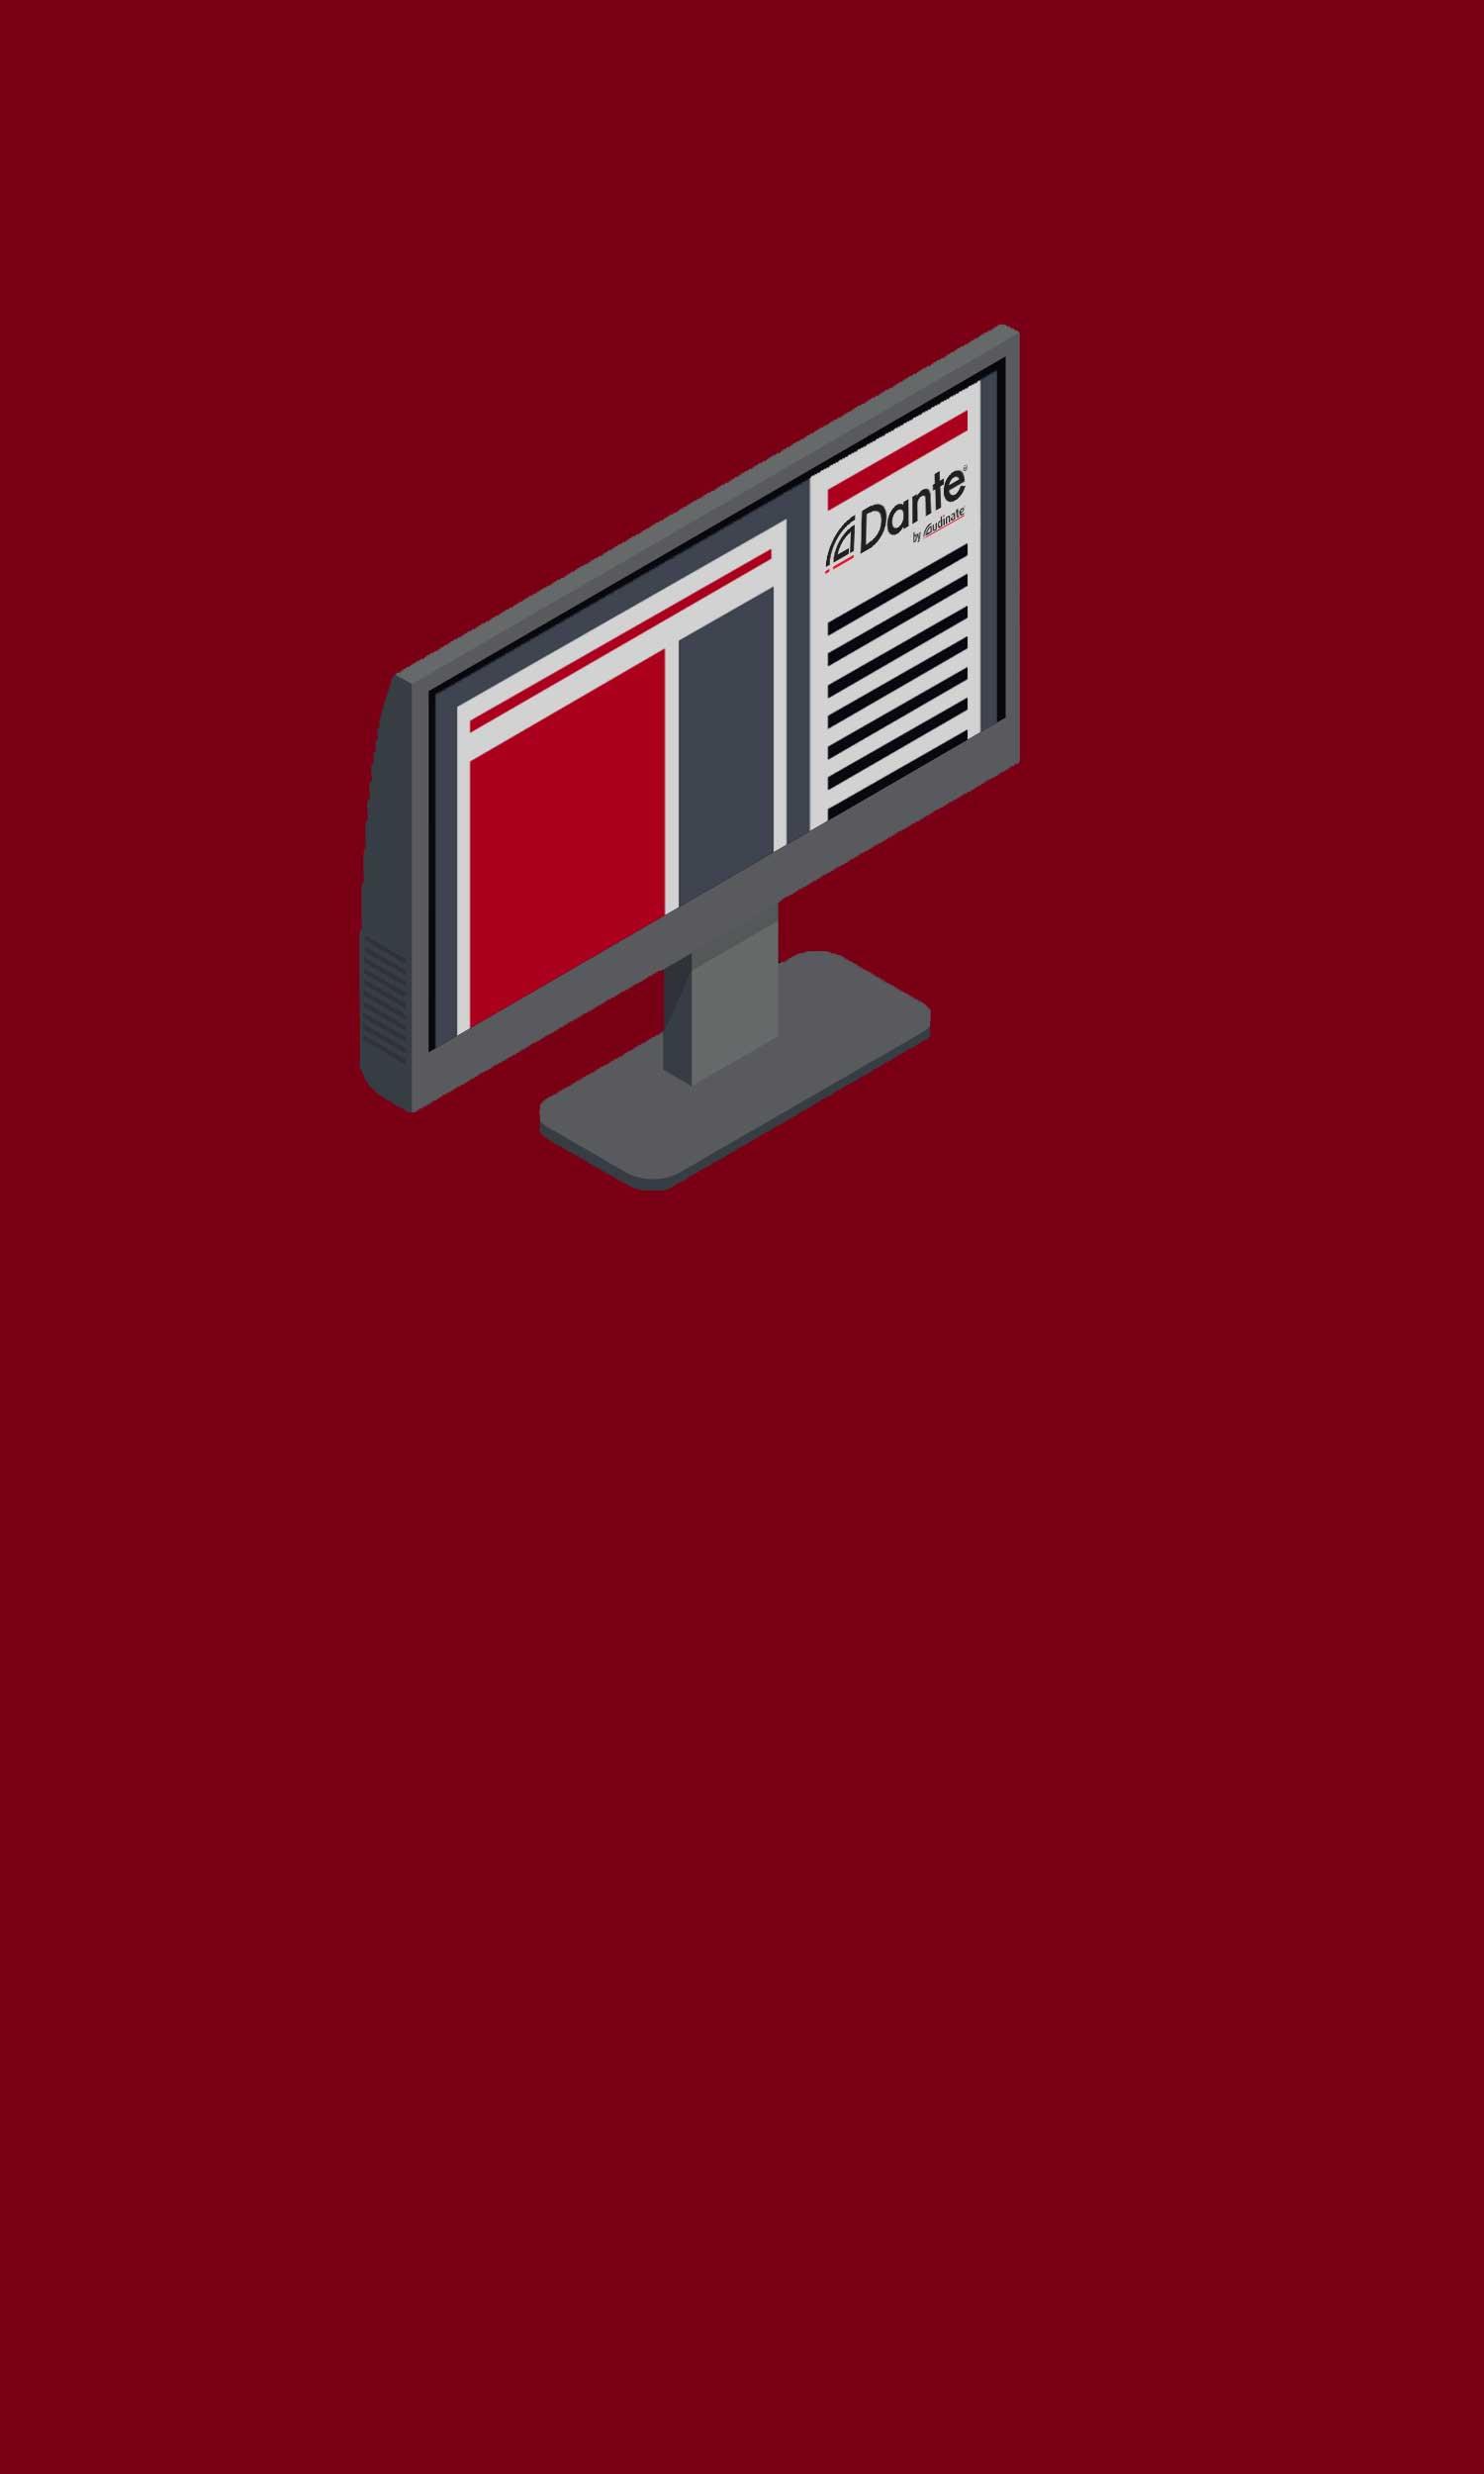 Danteソフトウェア